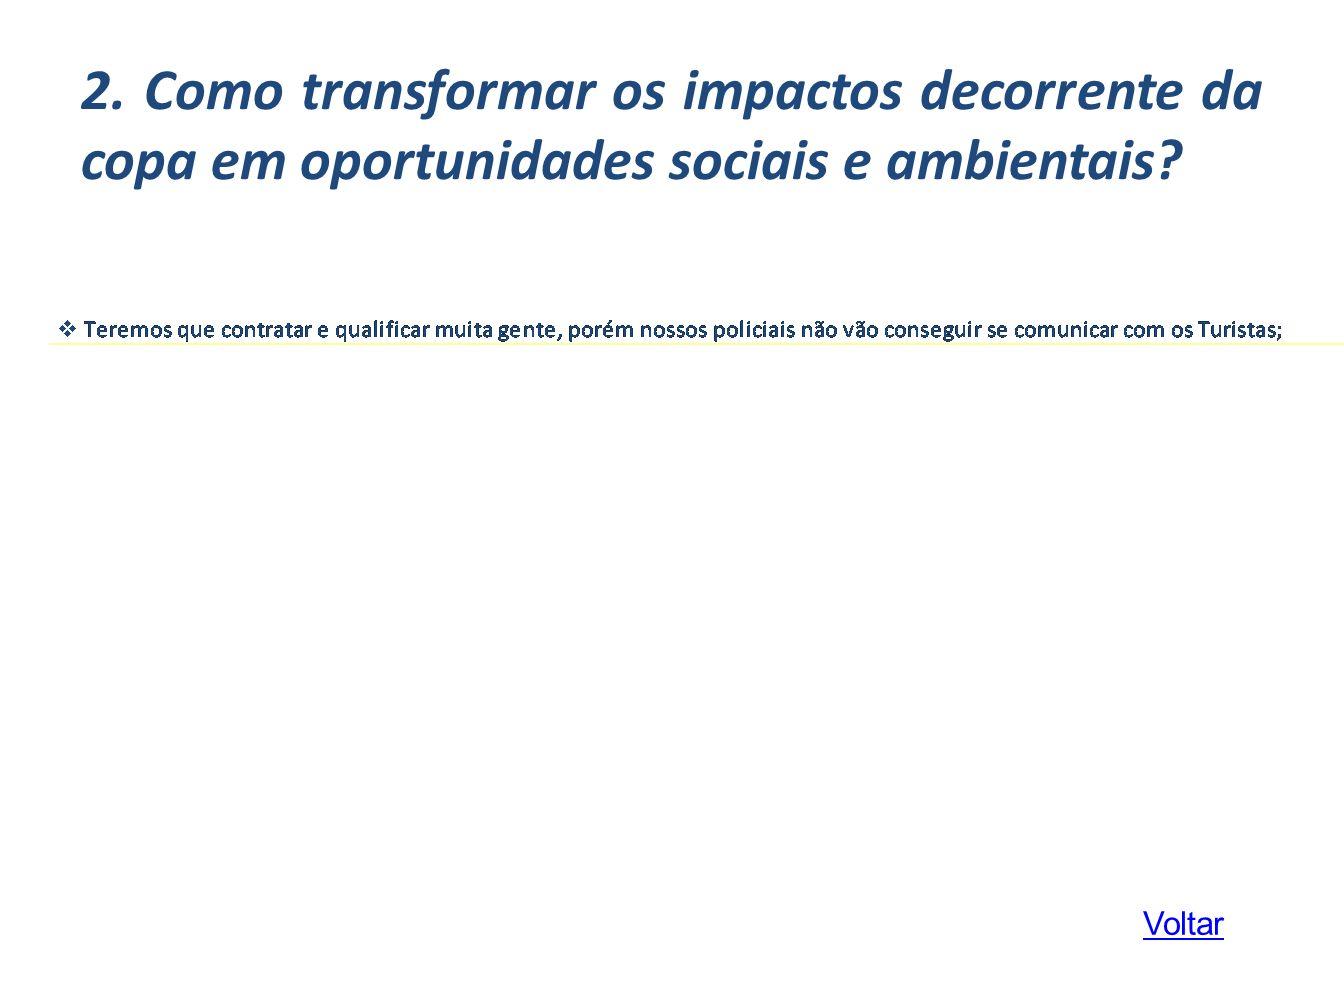 2. Como transformar os impactos decorrente da copa em oportunidades sociais e ambientais? Voltar